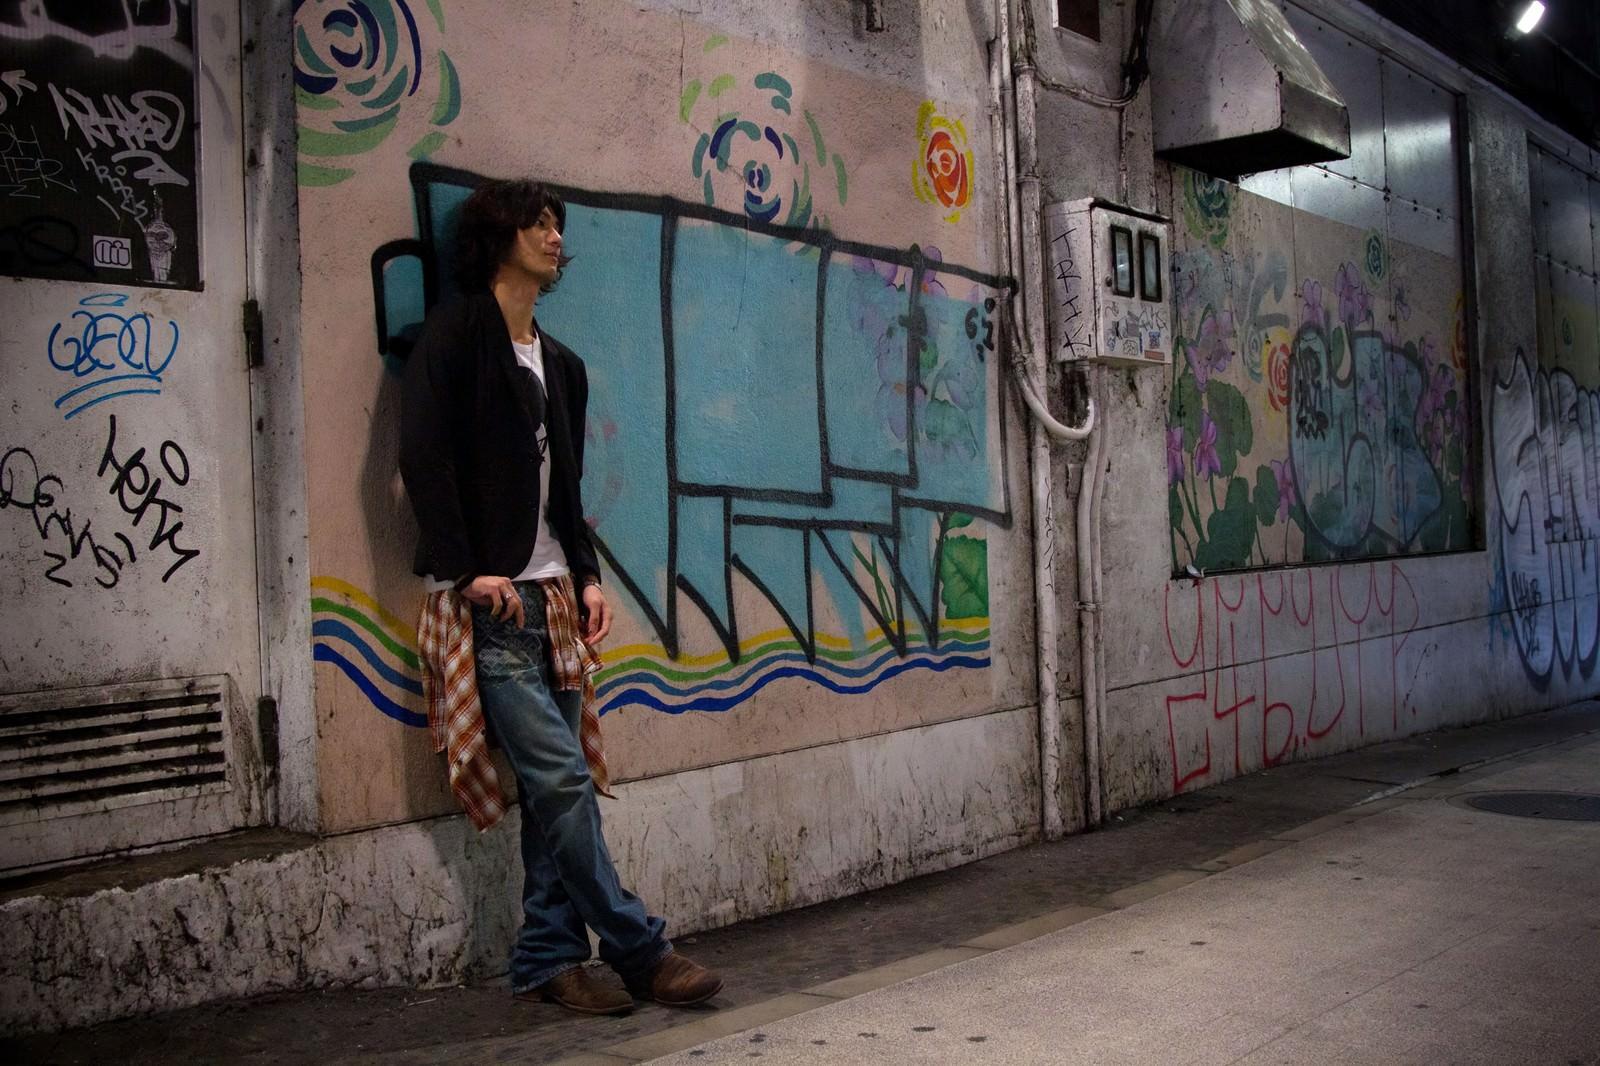 「渋谷の薄暗い高架下の落書きによりかかる若者」の写真[モデル:村田裕章]